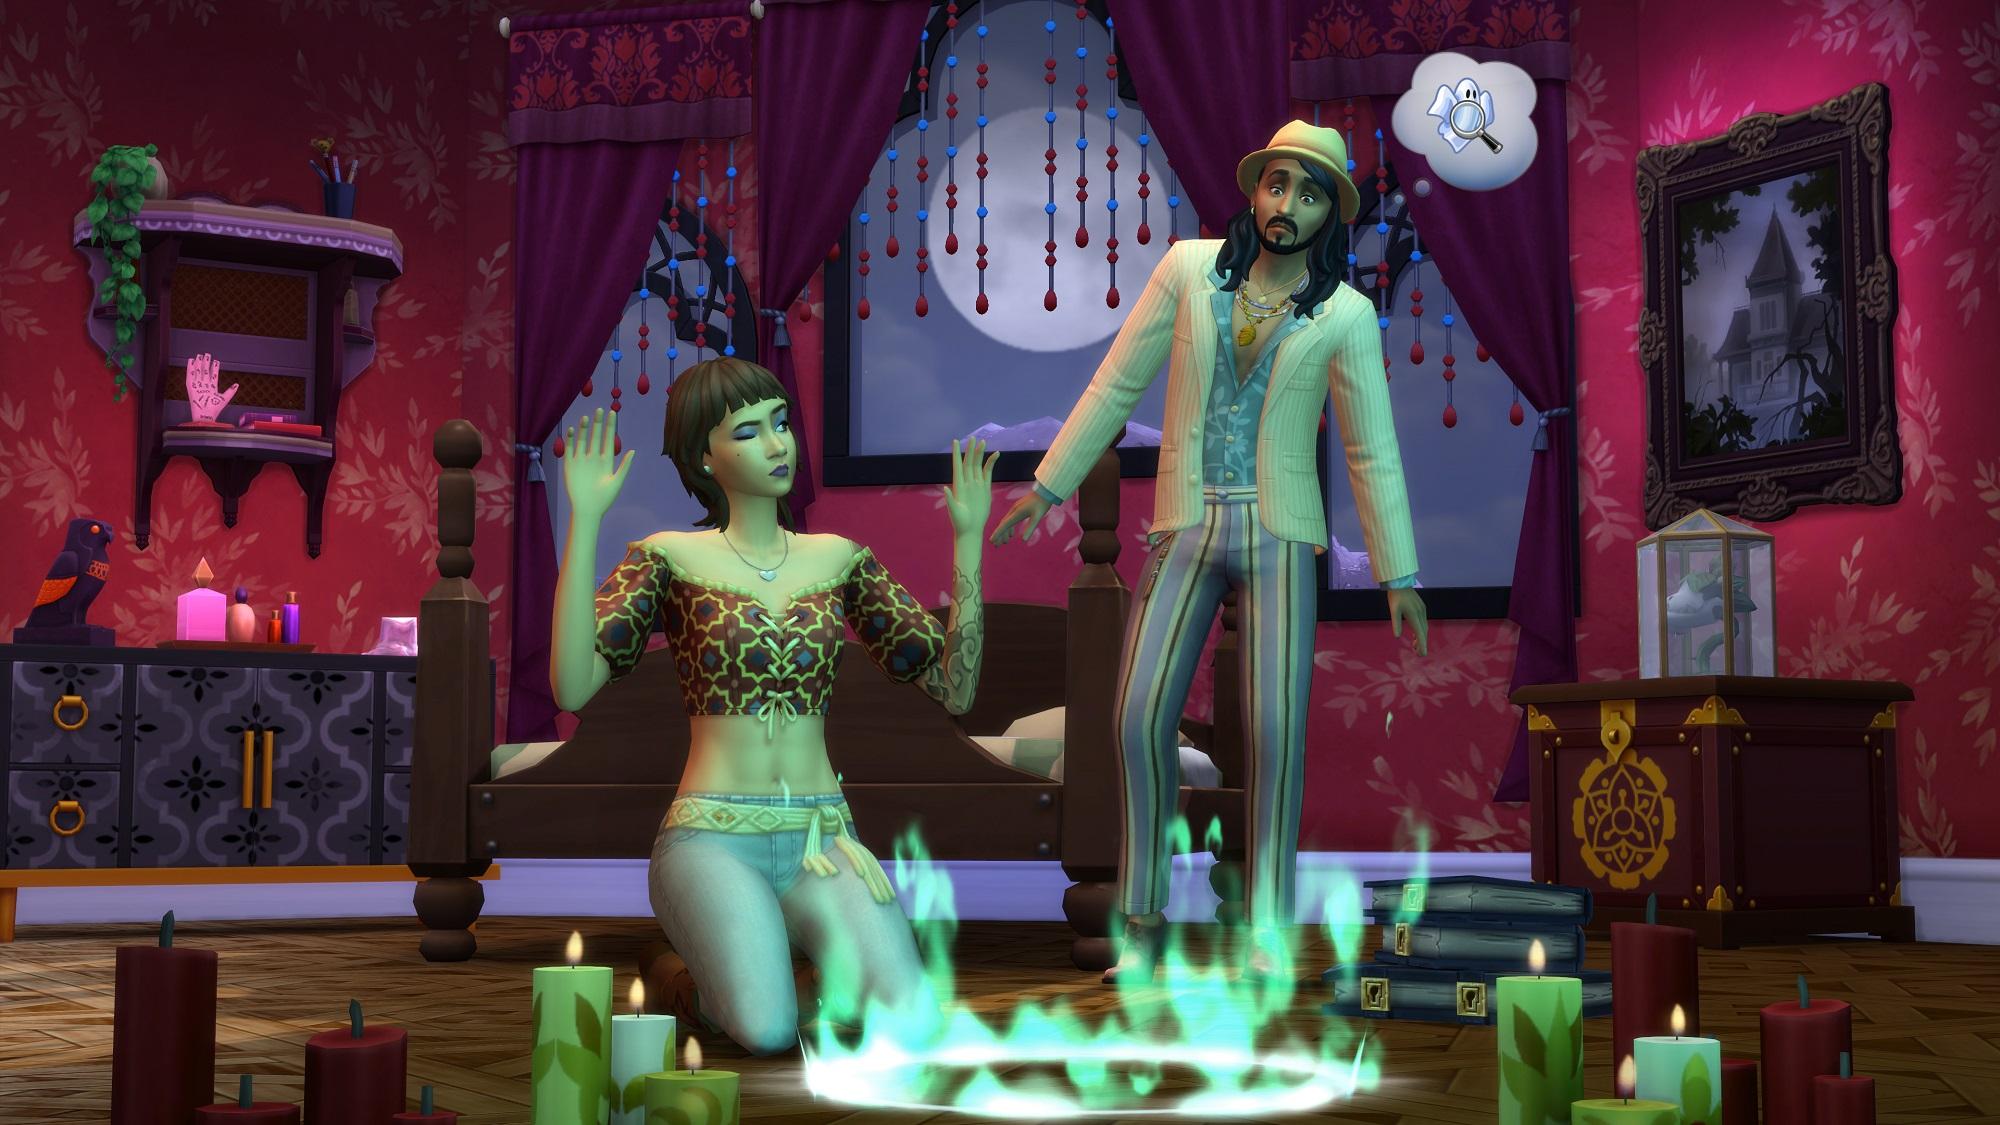 Les Sims 4 Paranormal sortira le 26 Janvier prochain